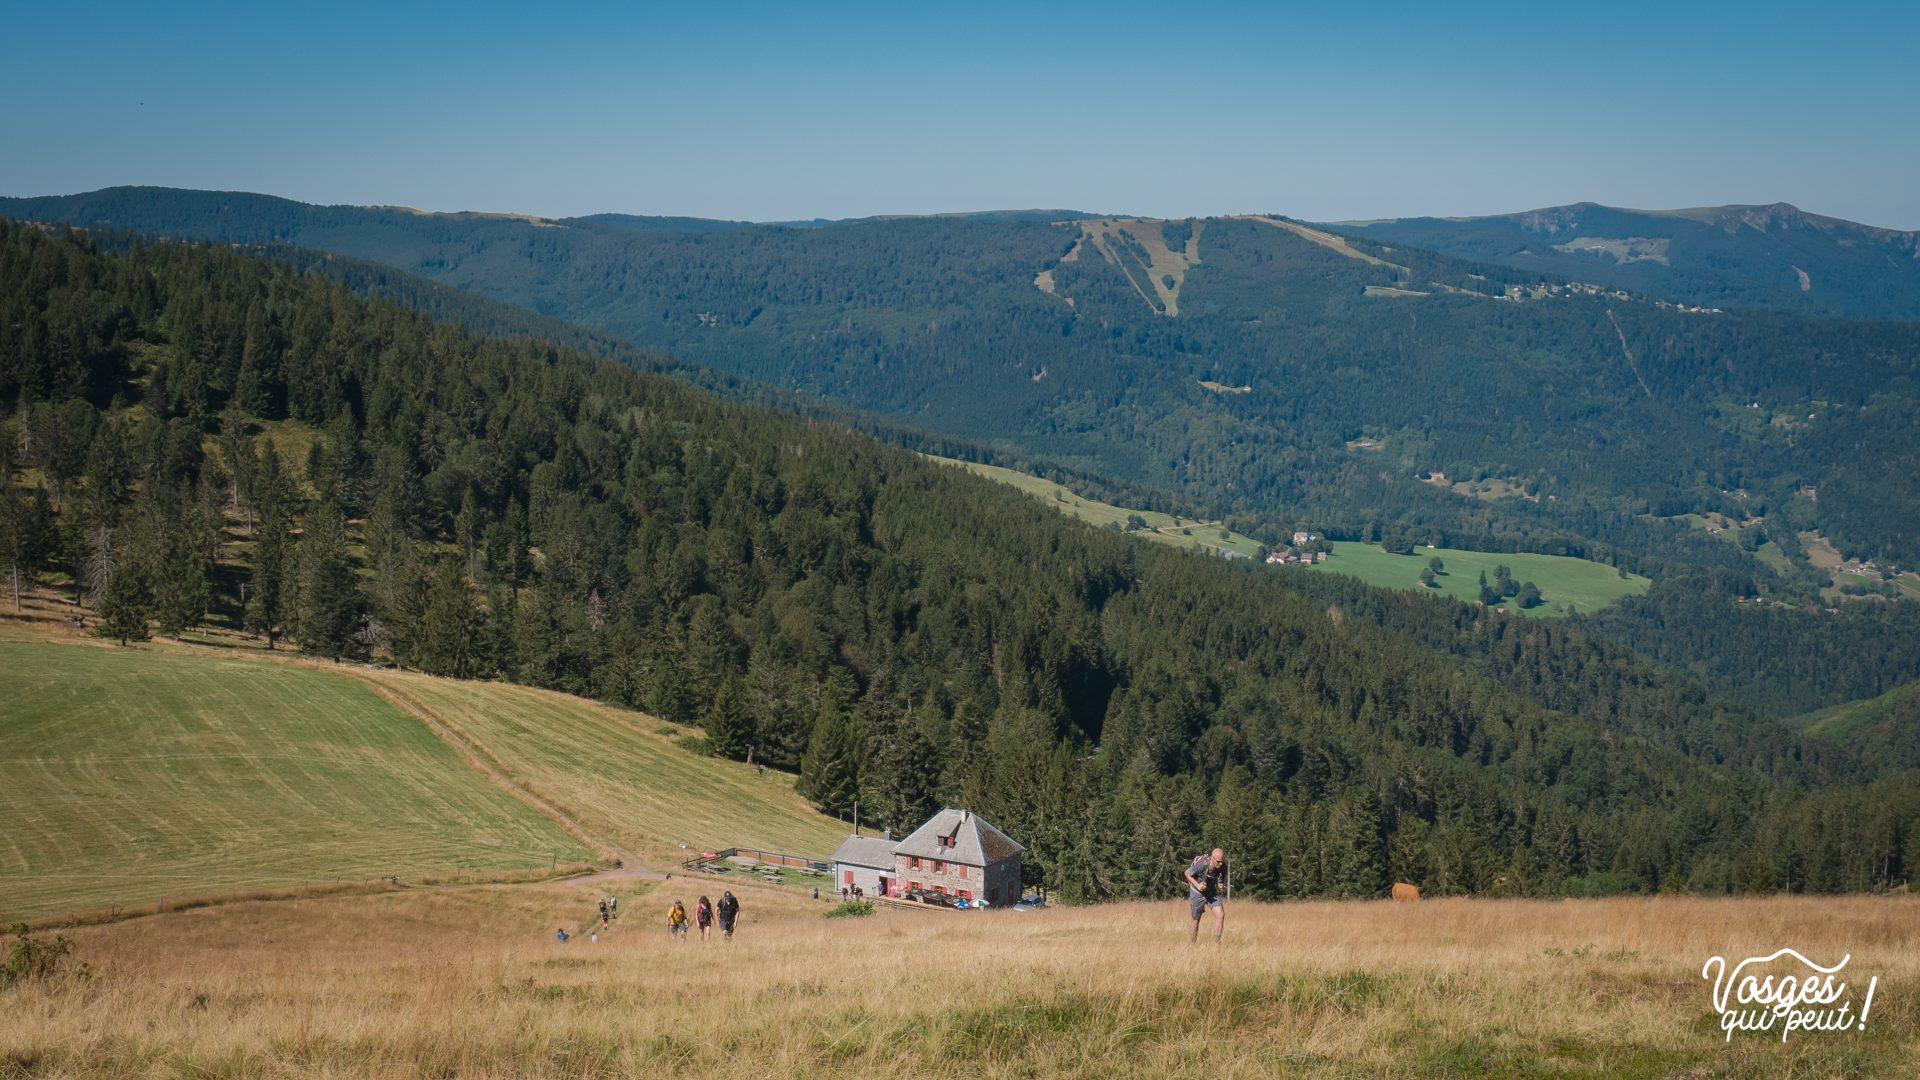 Des marcheurs avancent vers le sommet du Petit Ballon pendant une randonnée en Alsace